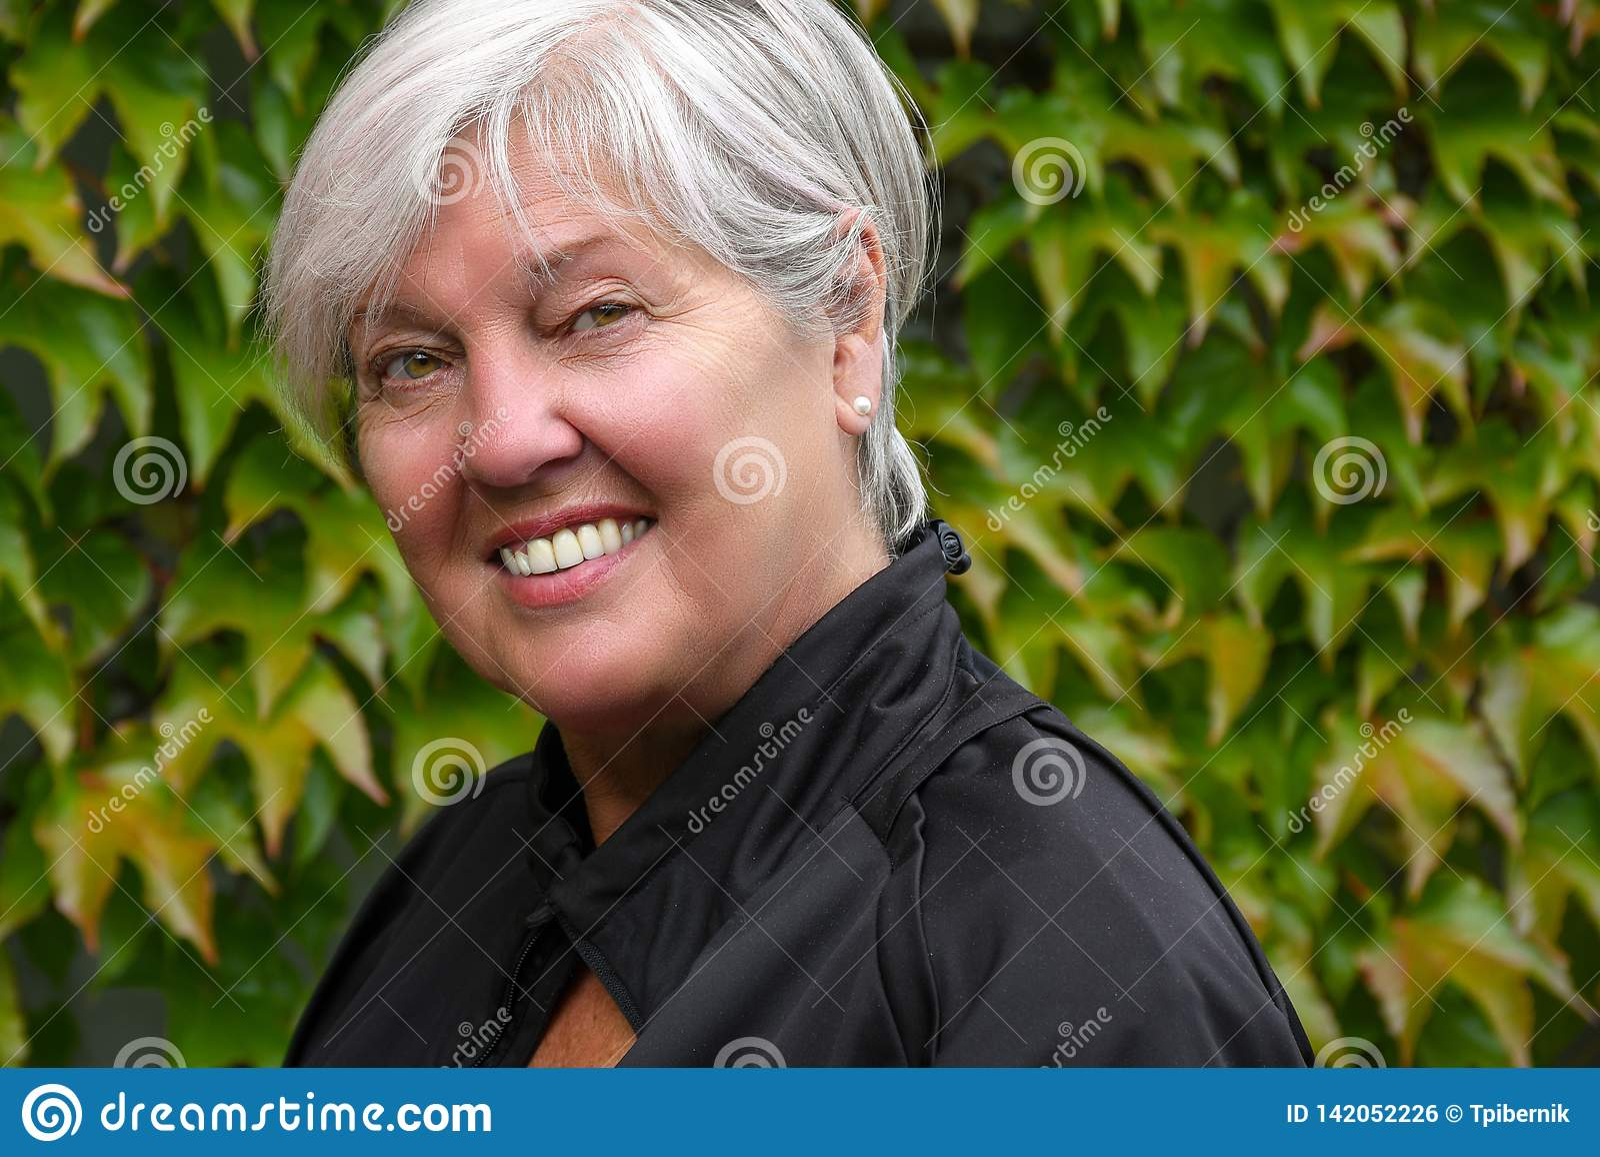 Εξωτερικό συμπαθητικό να φανεί χαμόγελου ηλικιωμένο ανώτερο πορτρέτο γυναικών με τον πράσινο τοίχο φύλλων